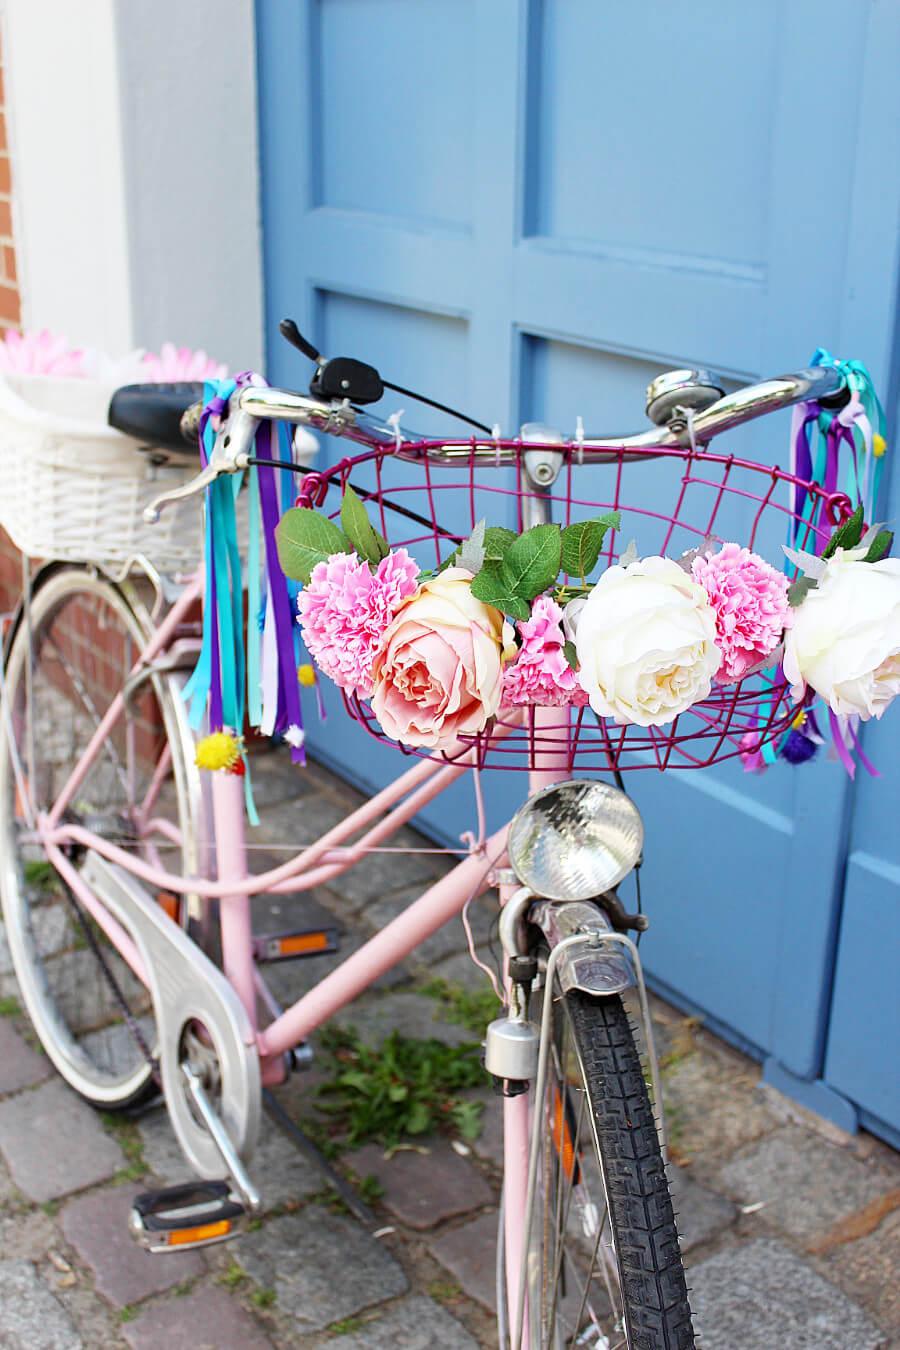 Wunderbar Upcycling Fahrrad Sammlung Von Auf Diese Idee Bin Ich Spontan Bei